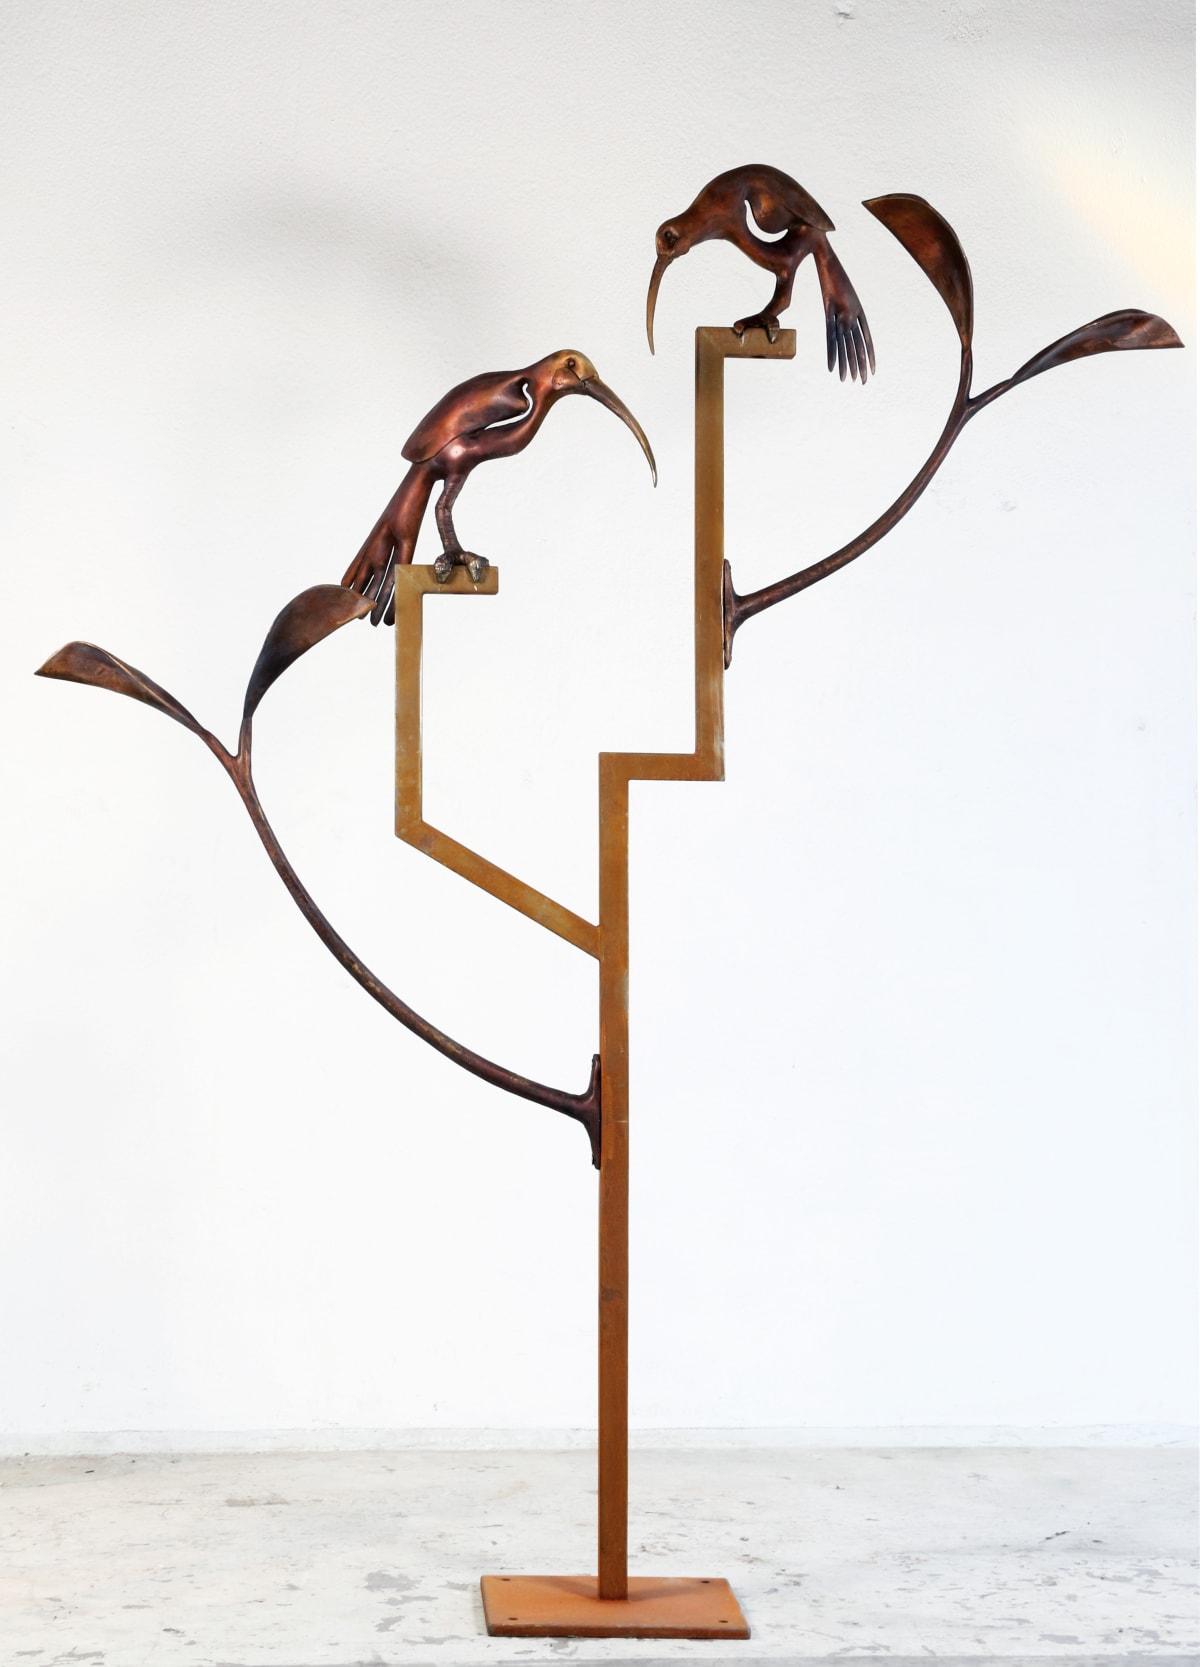 Paul DIBBLE Huia Construction, 2015 Cast bronze and Corten steel 112.2 x 86.6 x 18.1 in 285 x 220 x 46 cm #2/2